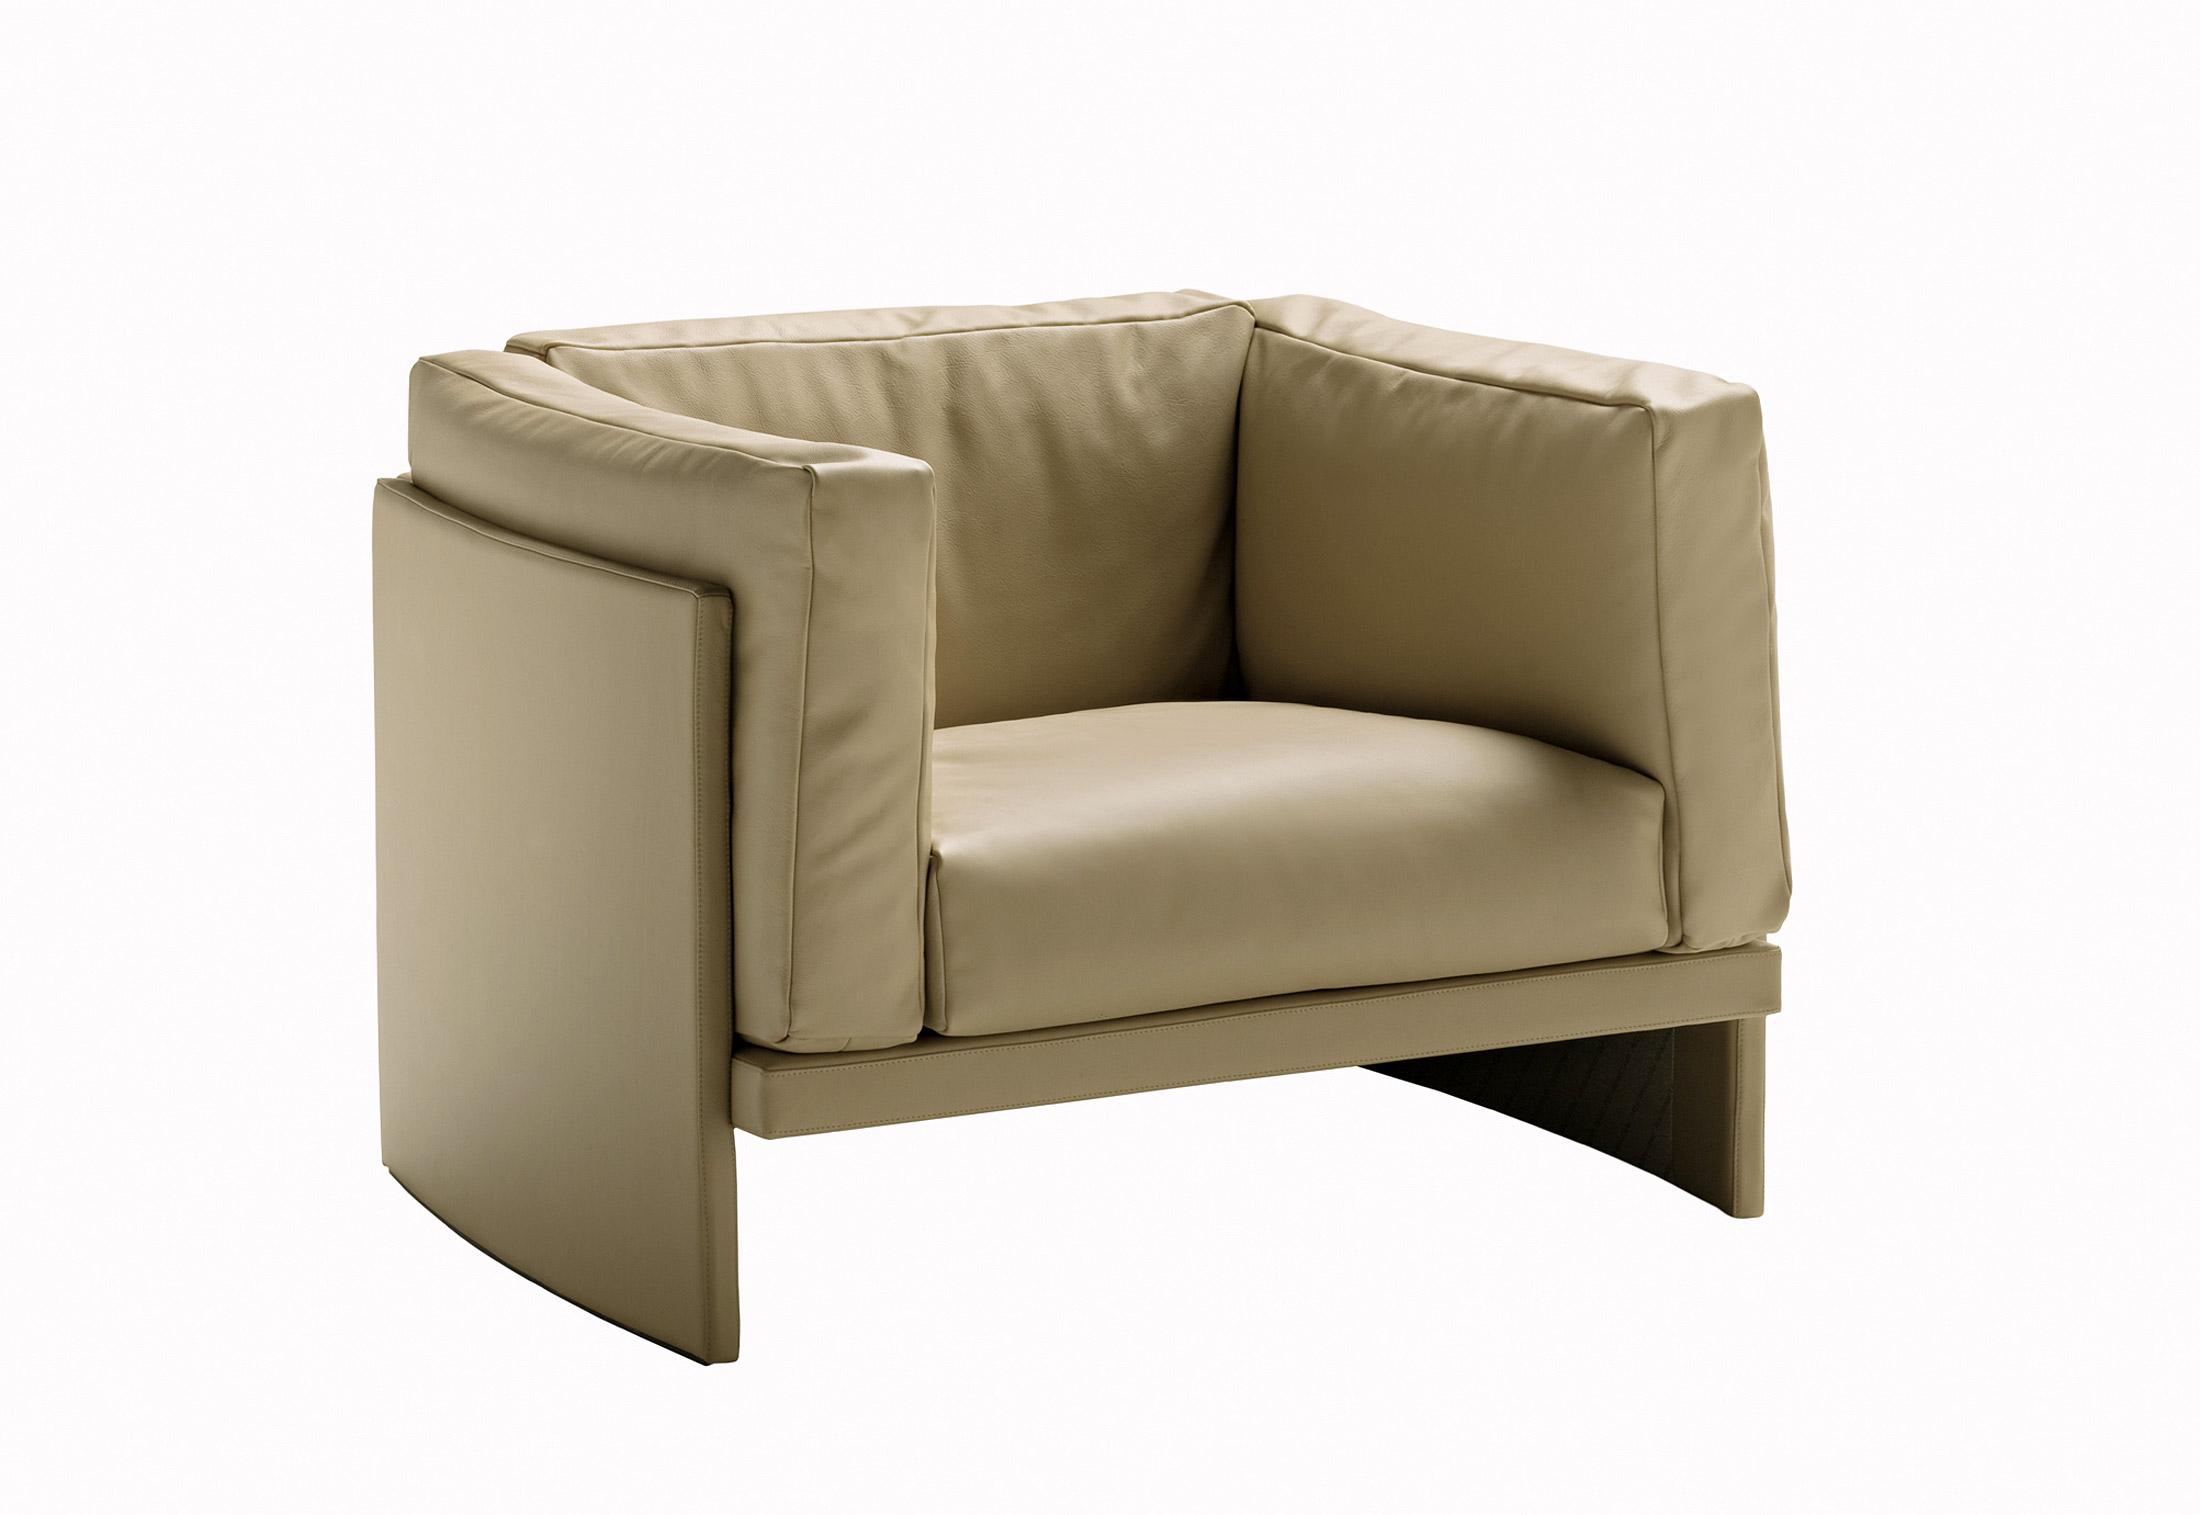 Polo di poltrona frau divani e poltrone arredamento for Frau poltrone